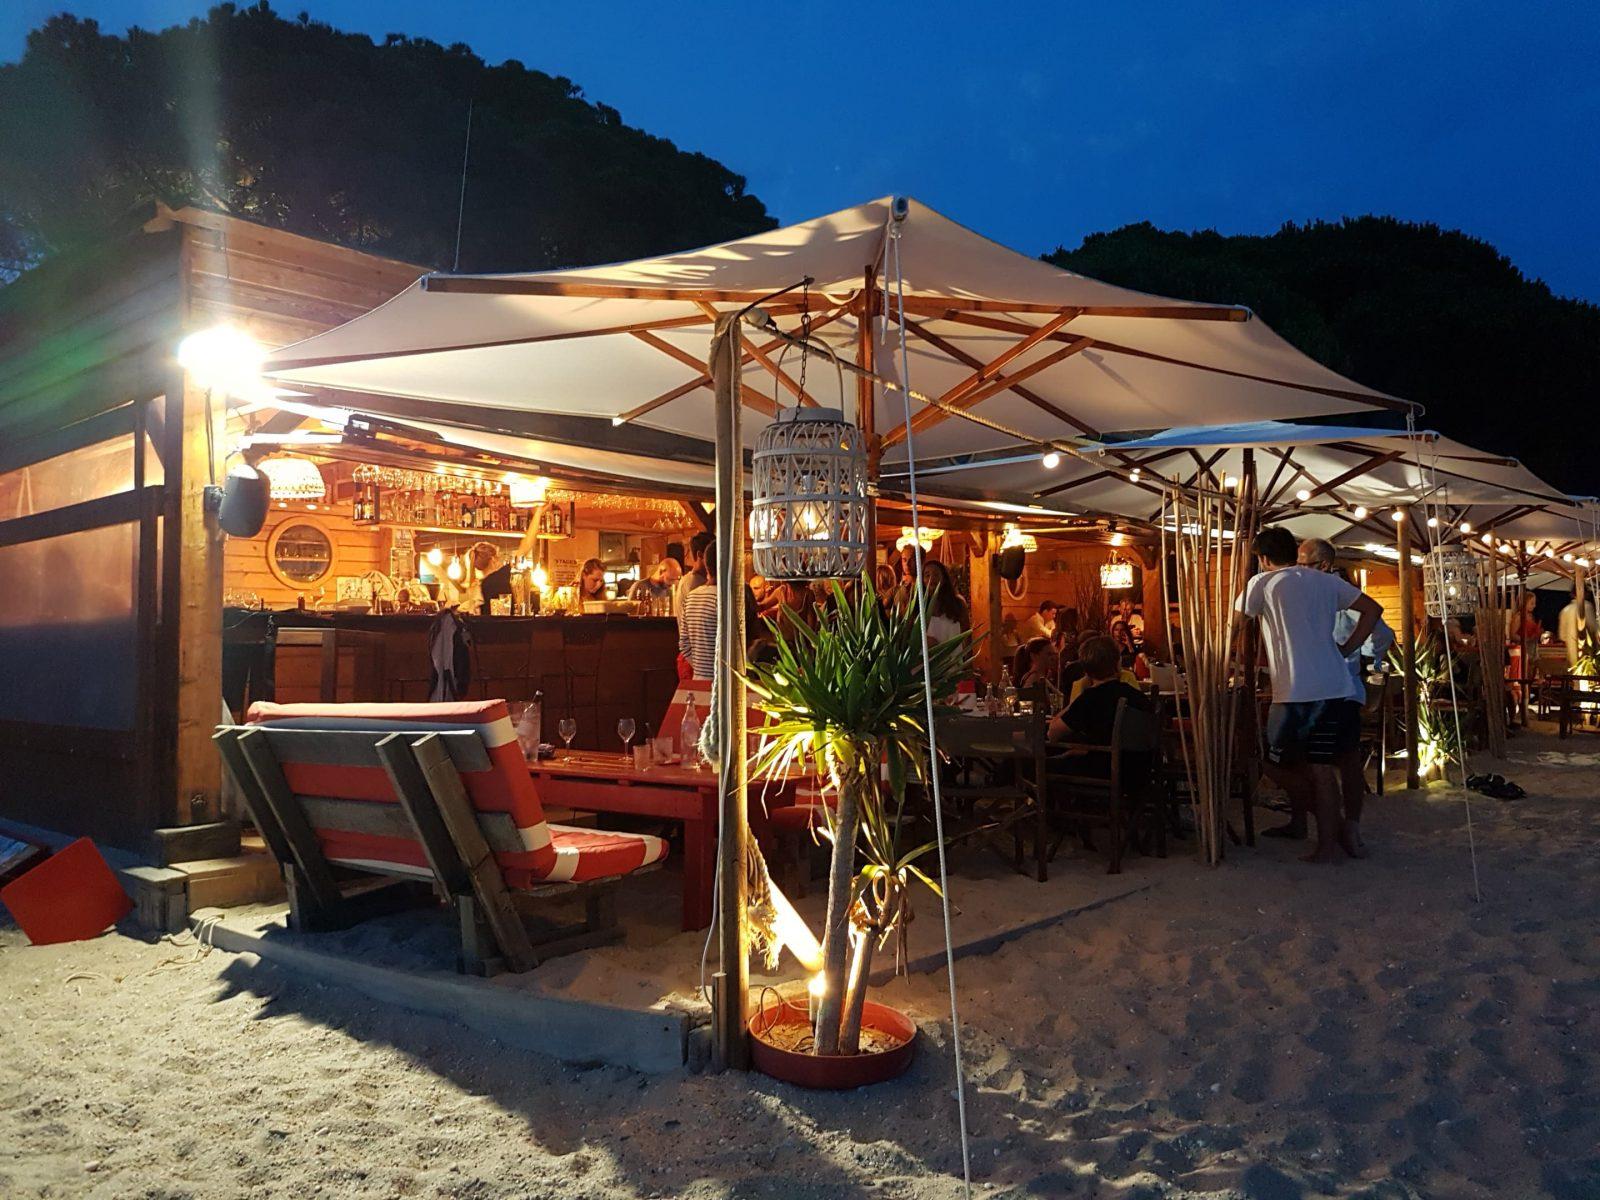 Restaurant de plage La voile de Cavalière